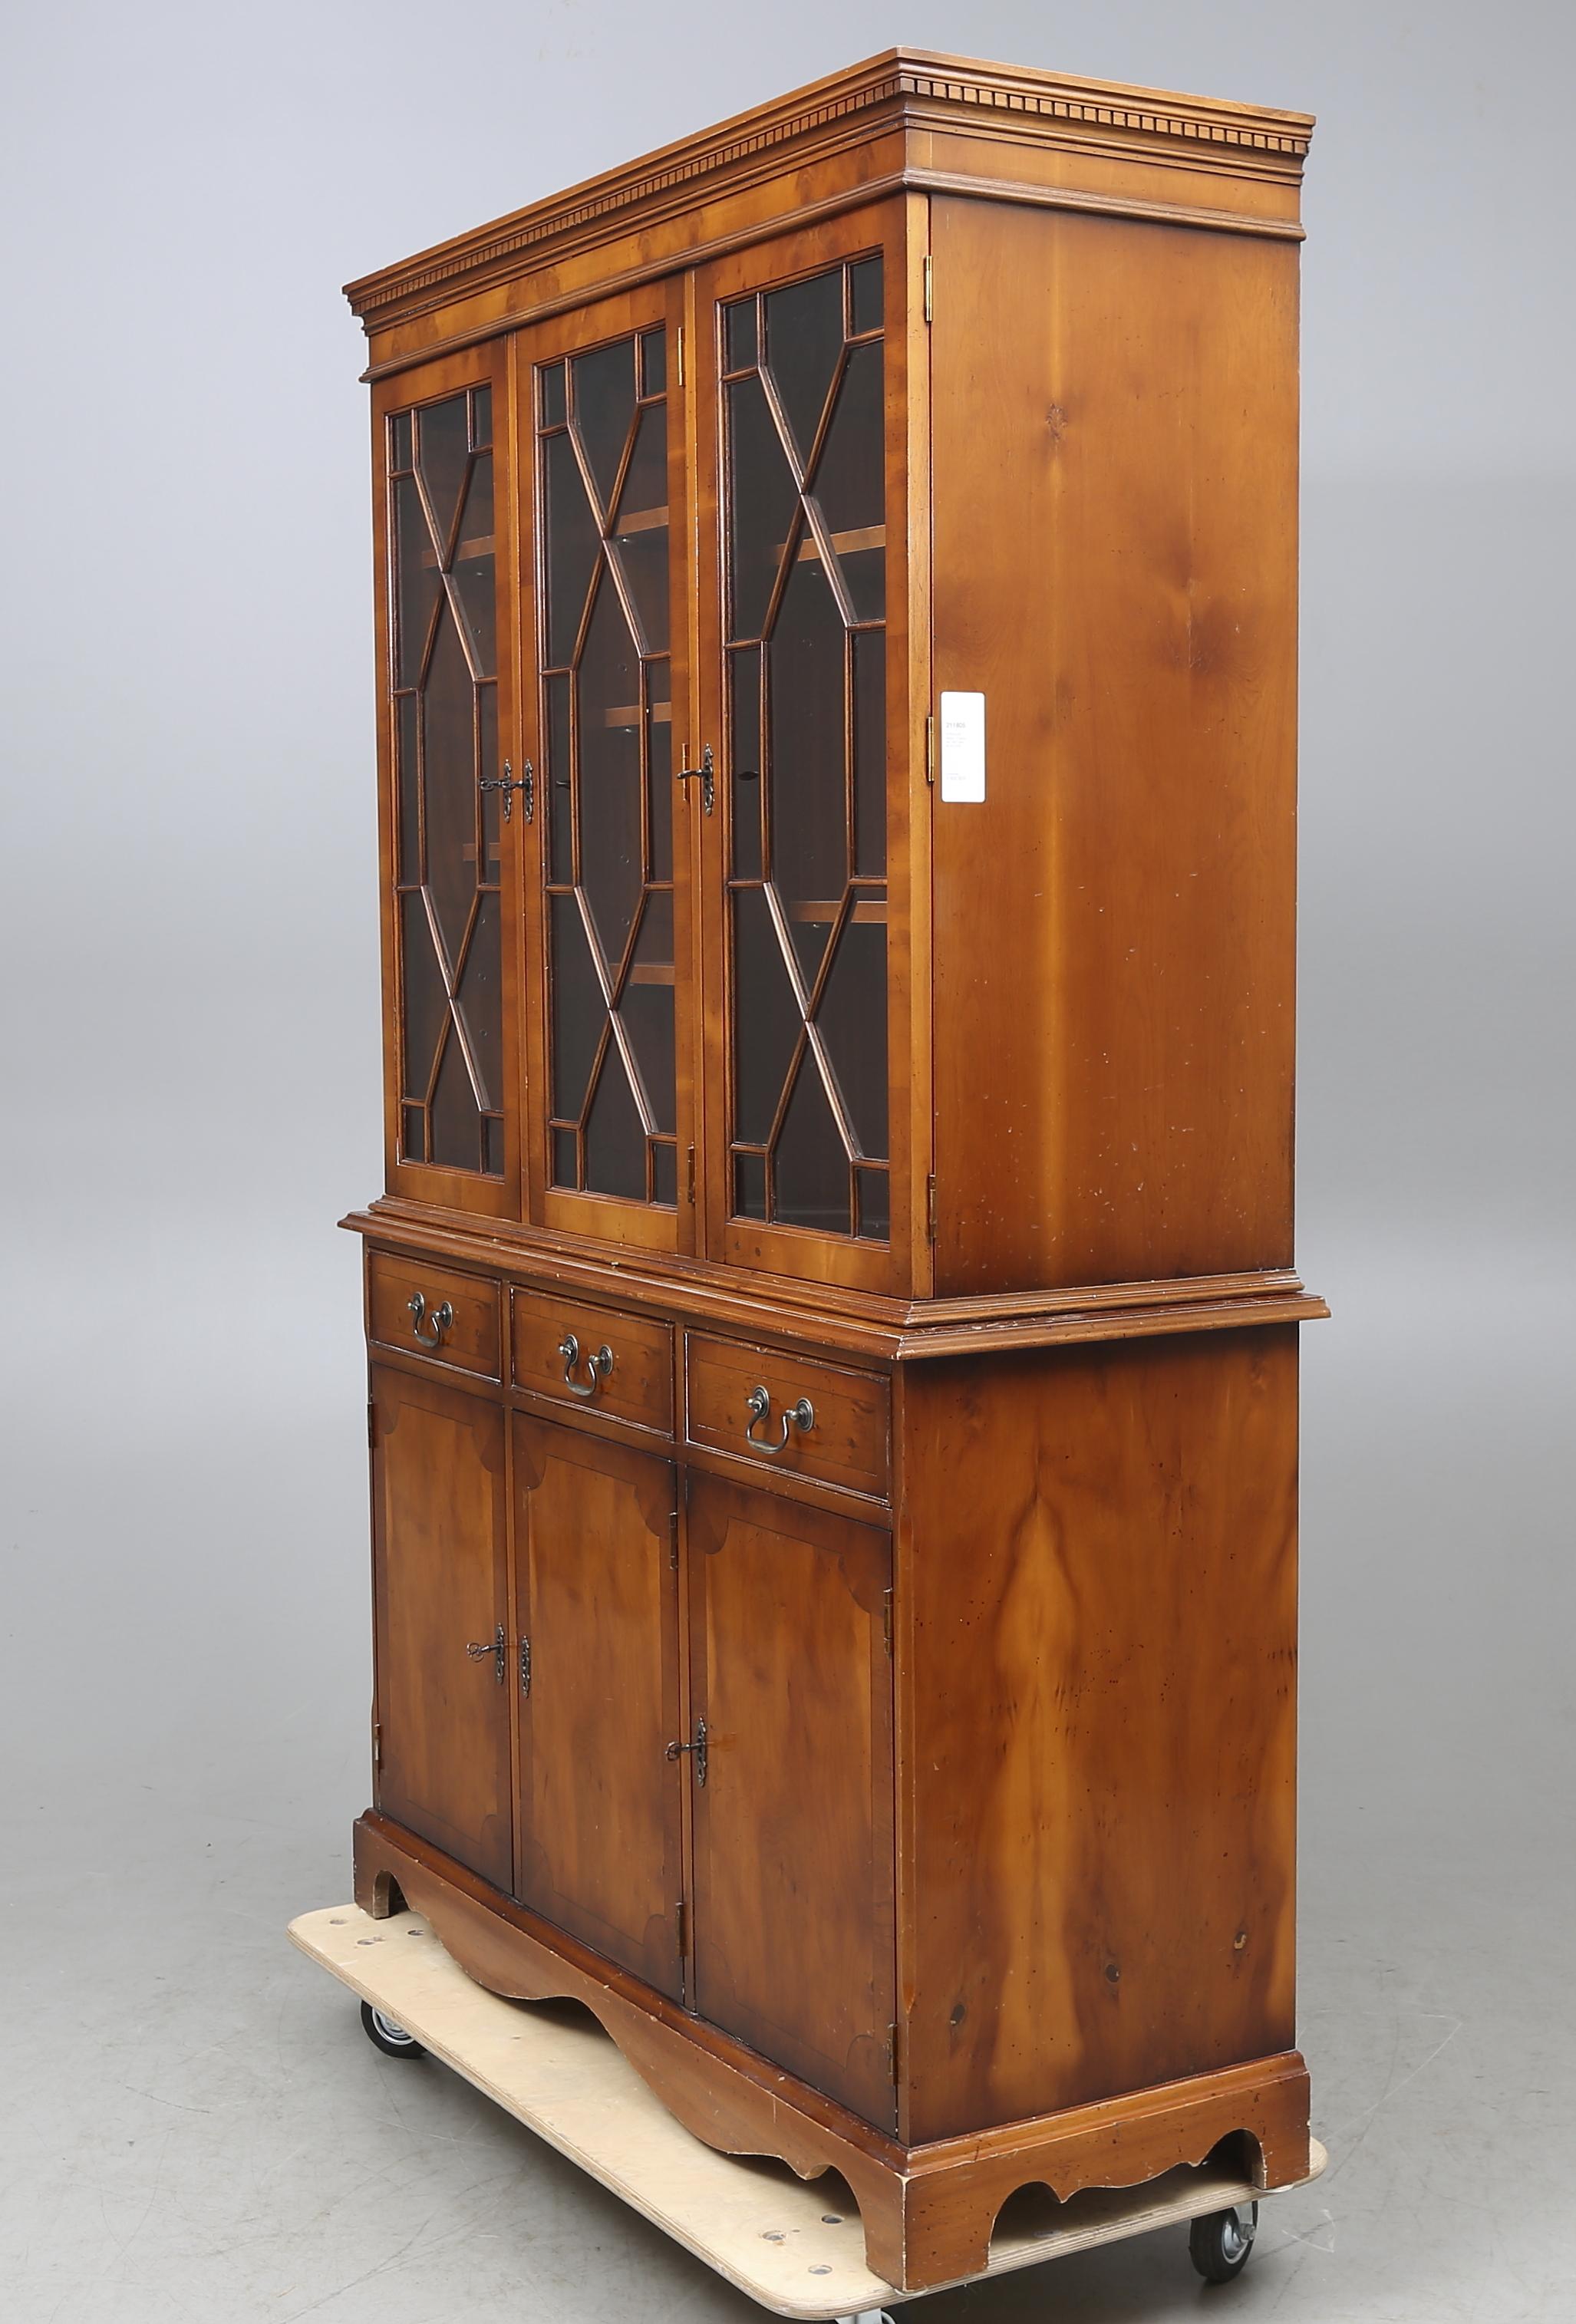 Bilder för 211805 VITRINSKåP, idegran, Engelsk stil, 1900 talets fjärde kvartal Auctionet